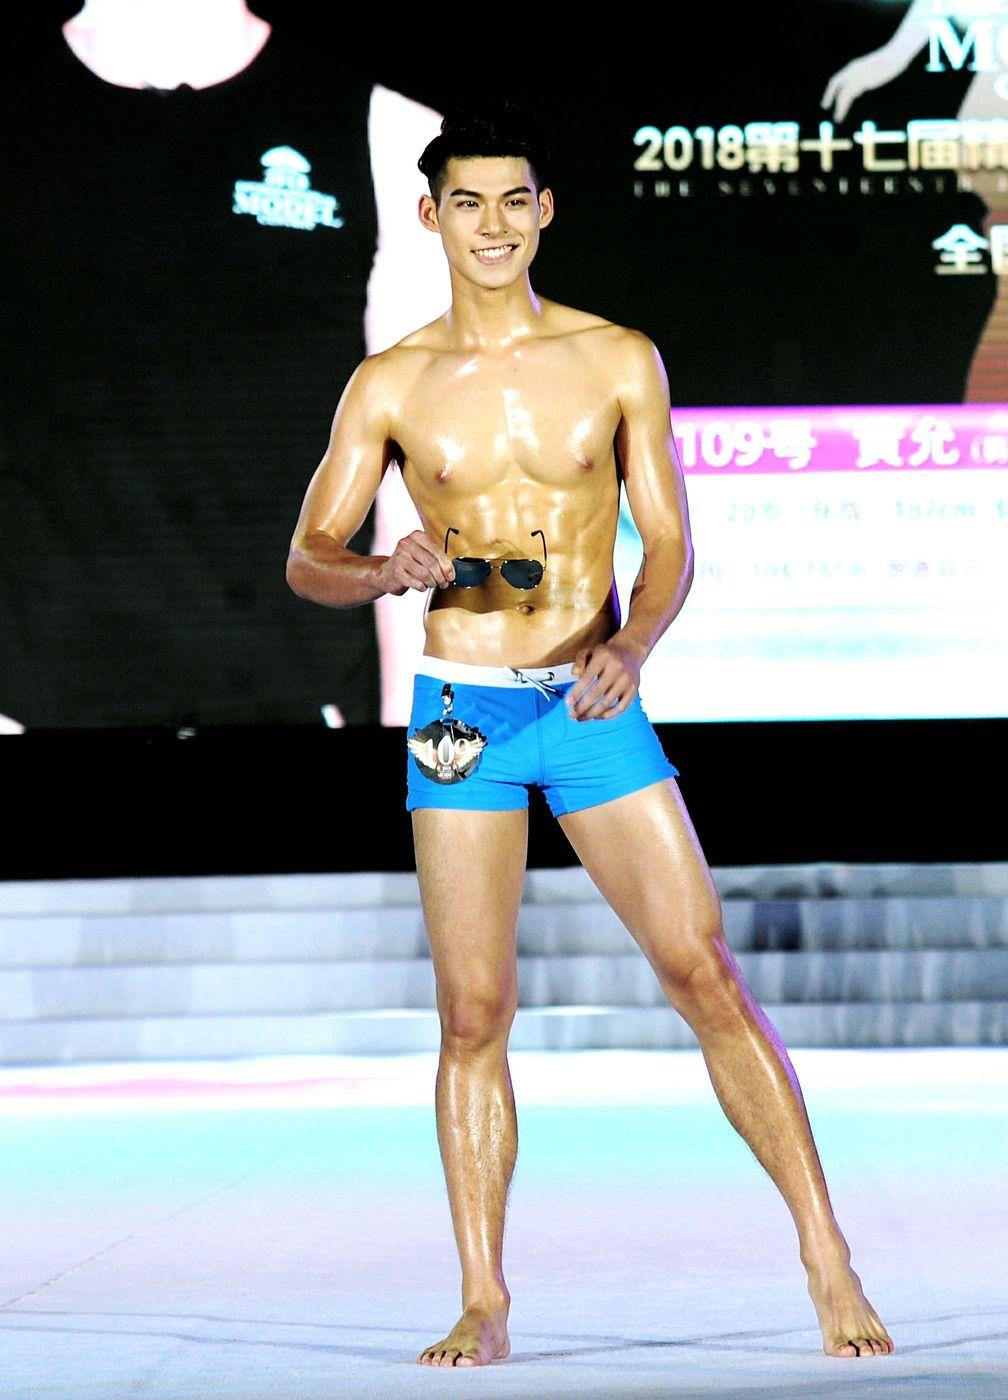 2018第17届精功(国际)模特大赛总决赛全景纪实